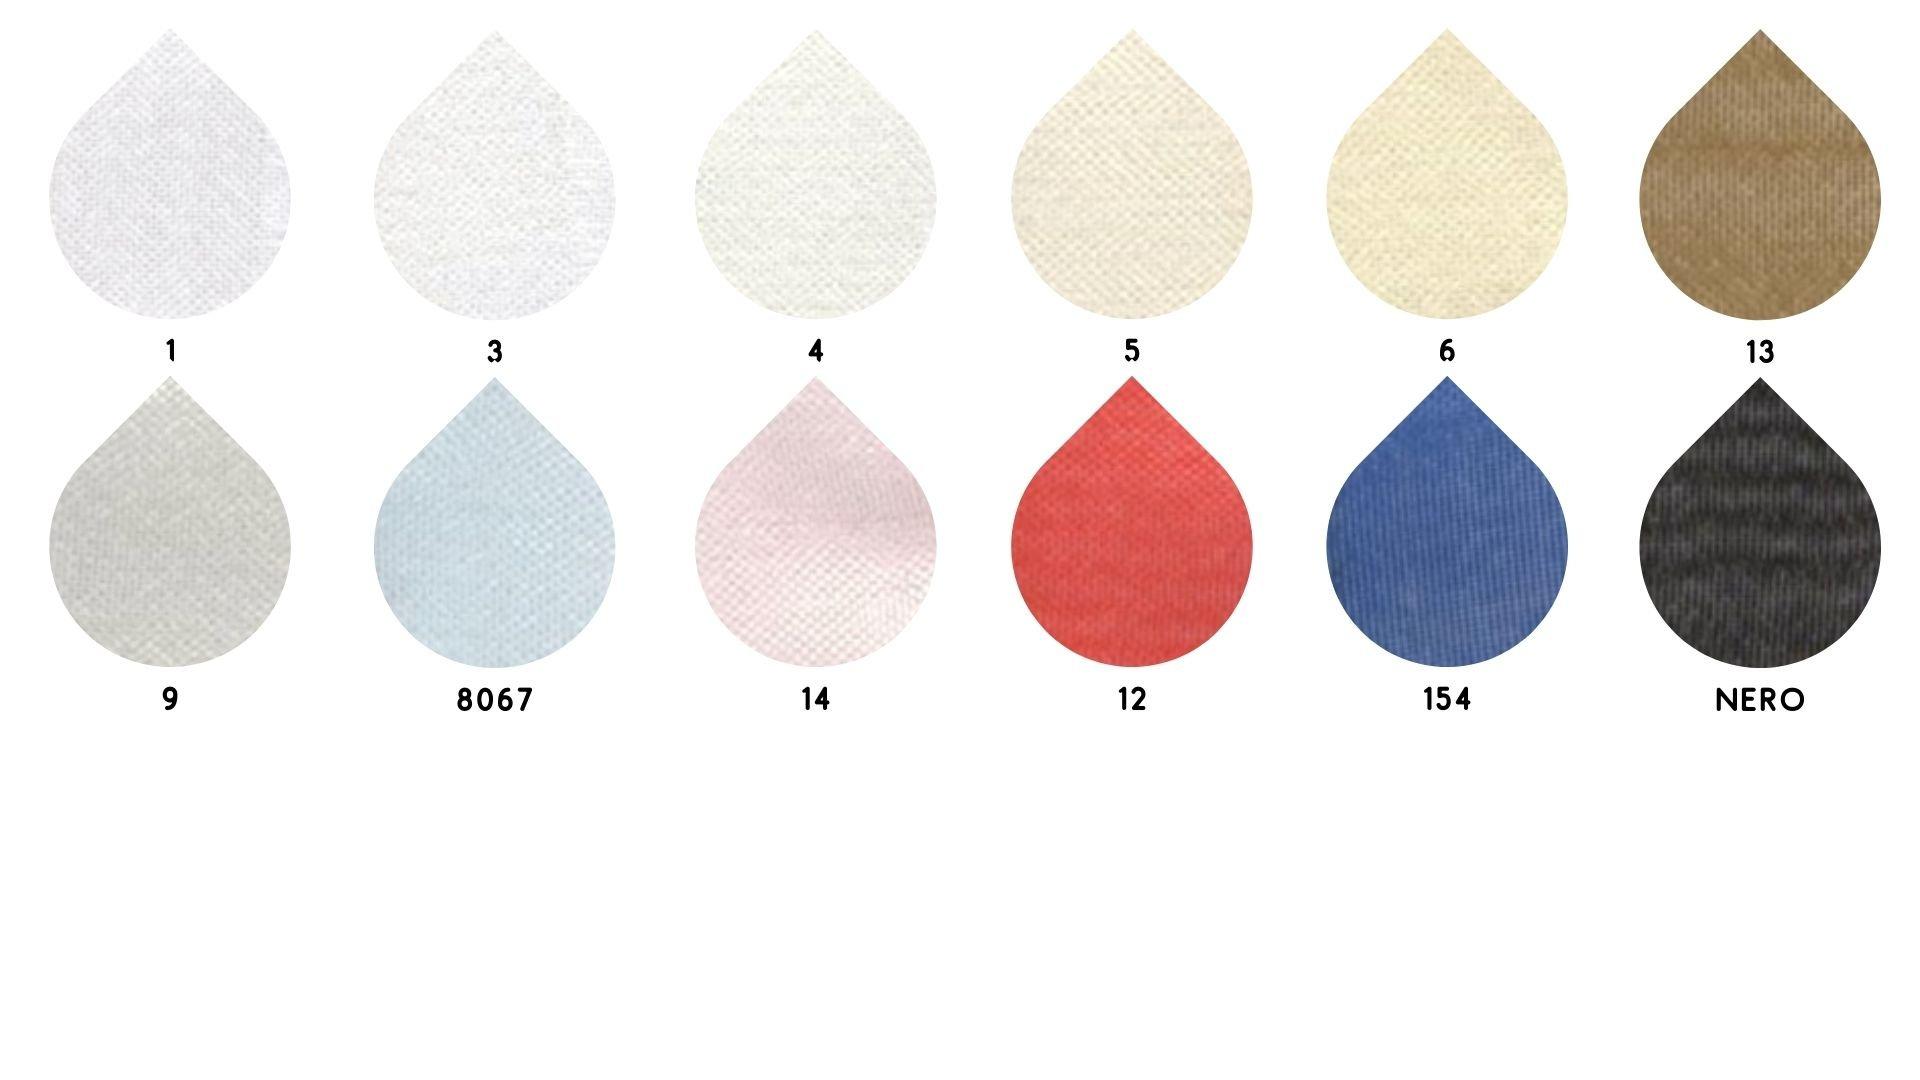 la cartella colore del tessuto 6030 organza di Leadford & Logan